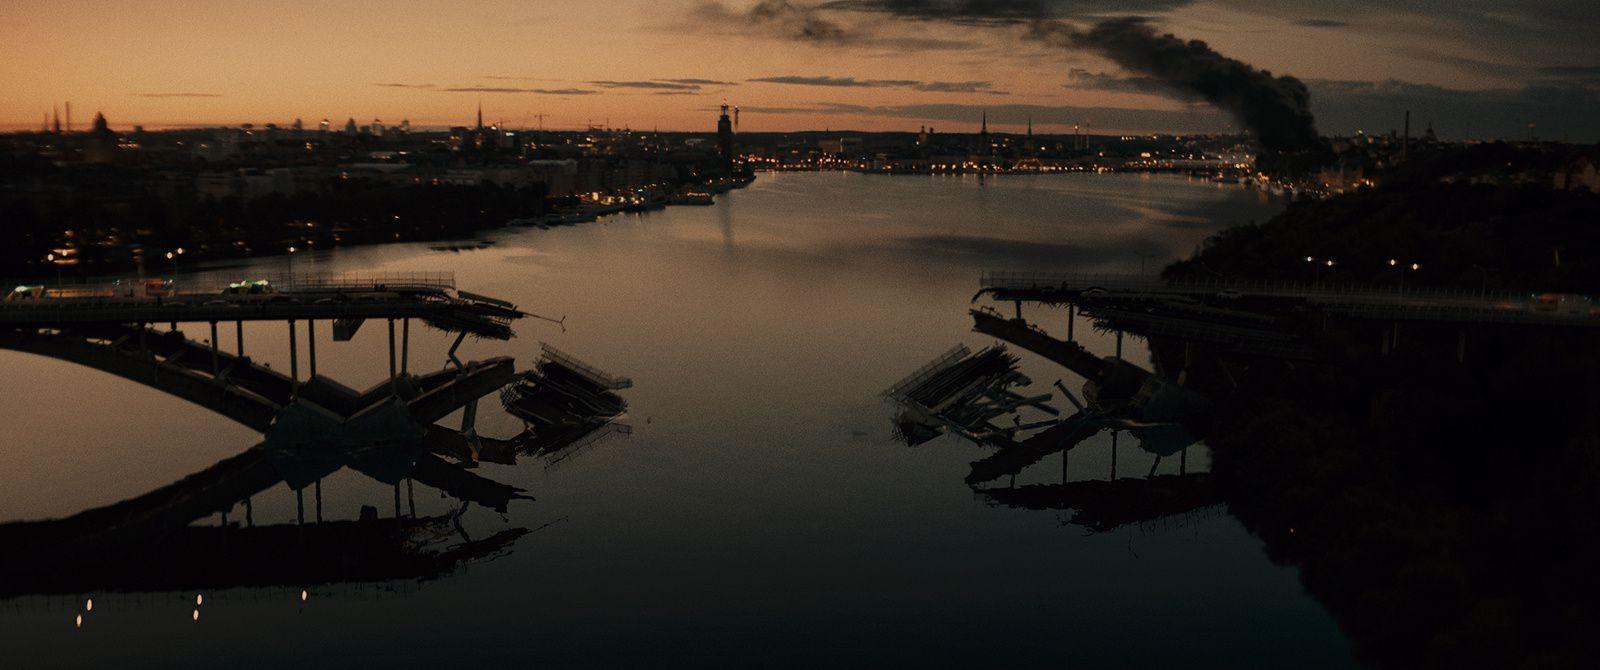 The Unthinkable (BANDE-ANNONCE) avec Christoffer Nordenrot, Jesper Barkselius, Lisa Henni - En DVD le 3 avril 2019